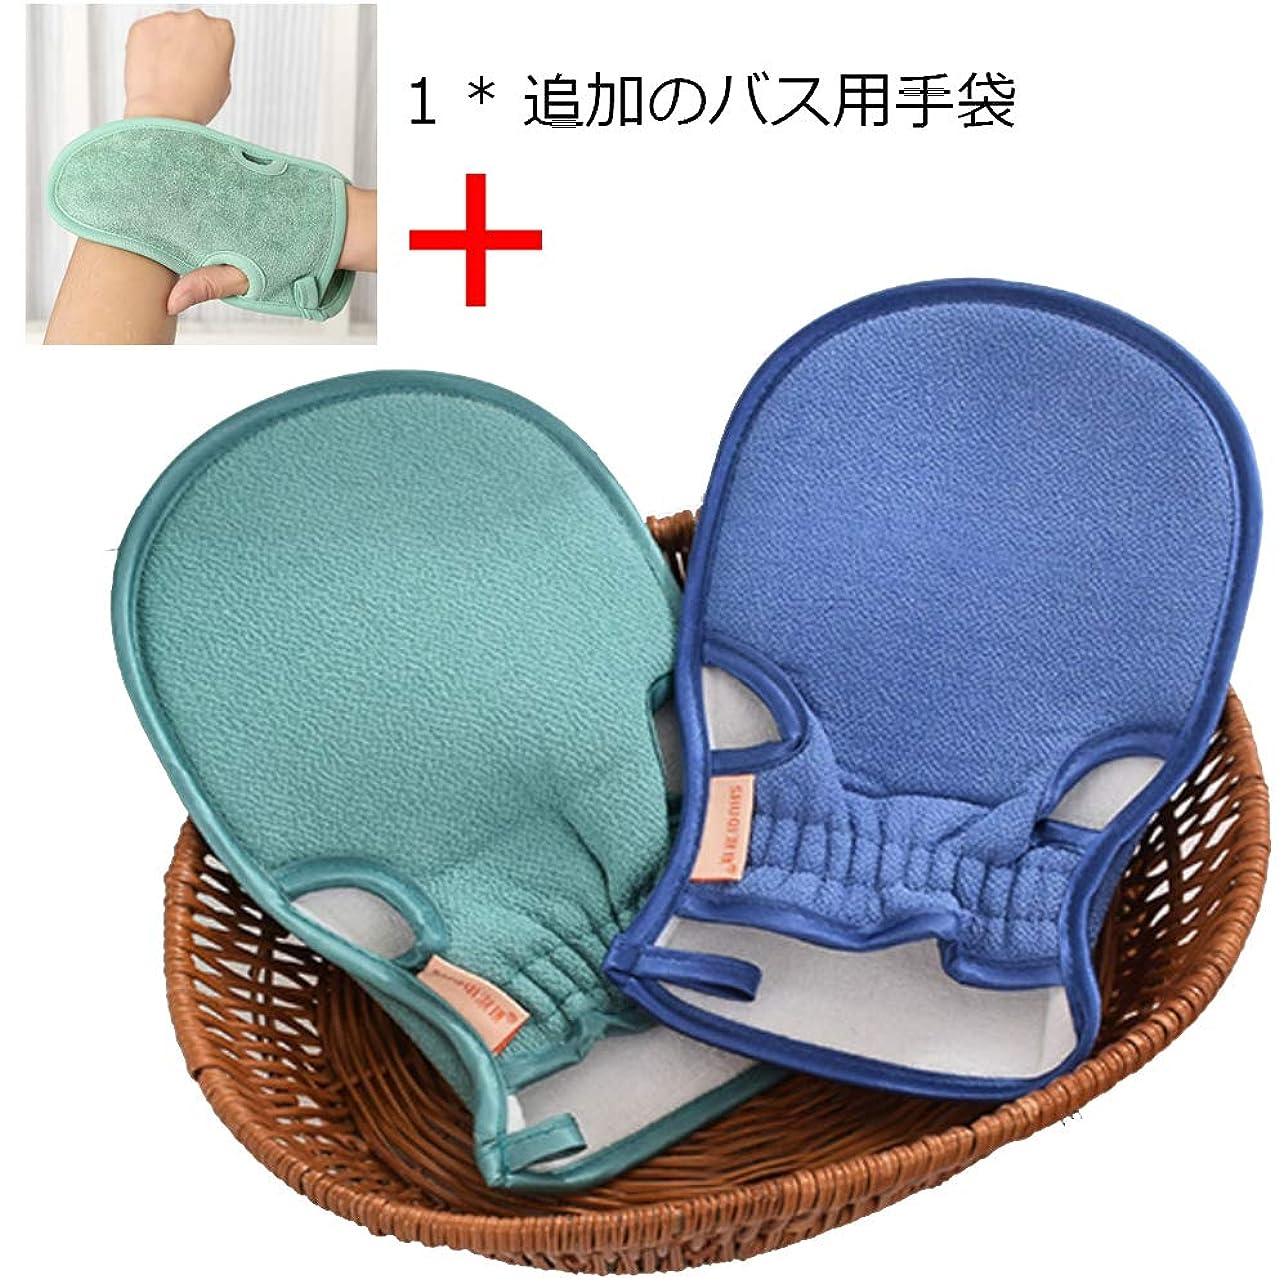 狂乱以上ジャングルNO.1 Direct 2パック浴用手袋 あかすり ボディタオル 入浴用品 バス用品 垢すり手袋 毛穴清潔 角質除去 男女兼用